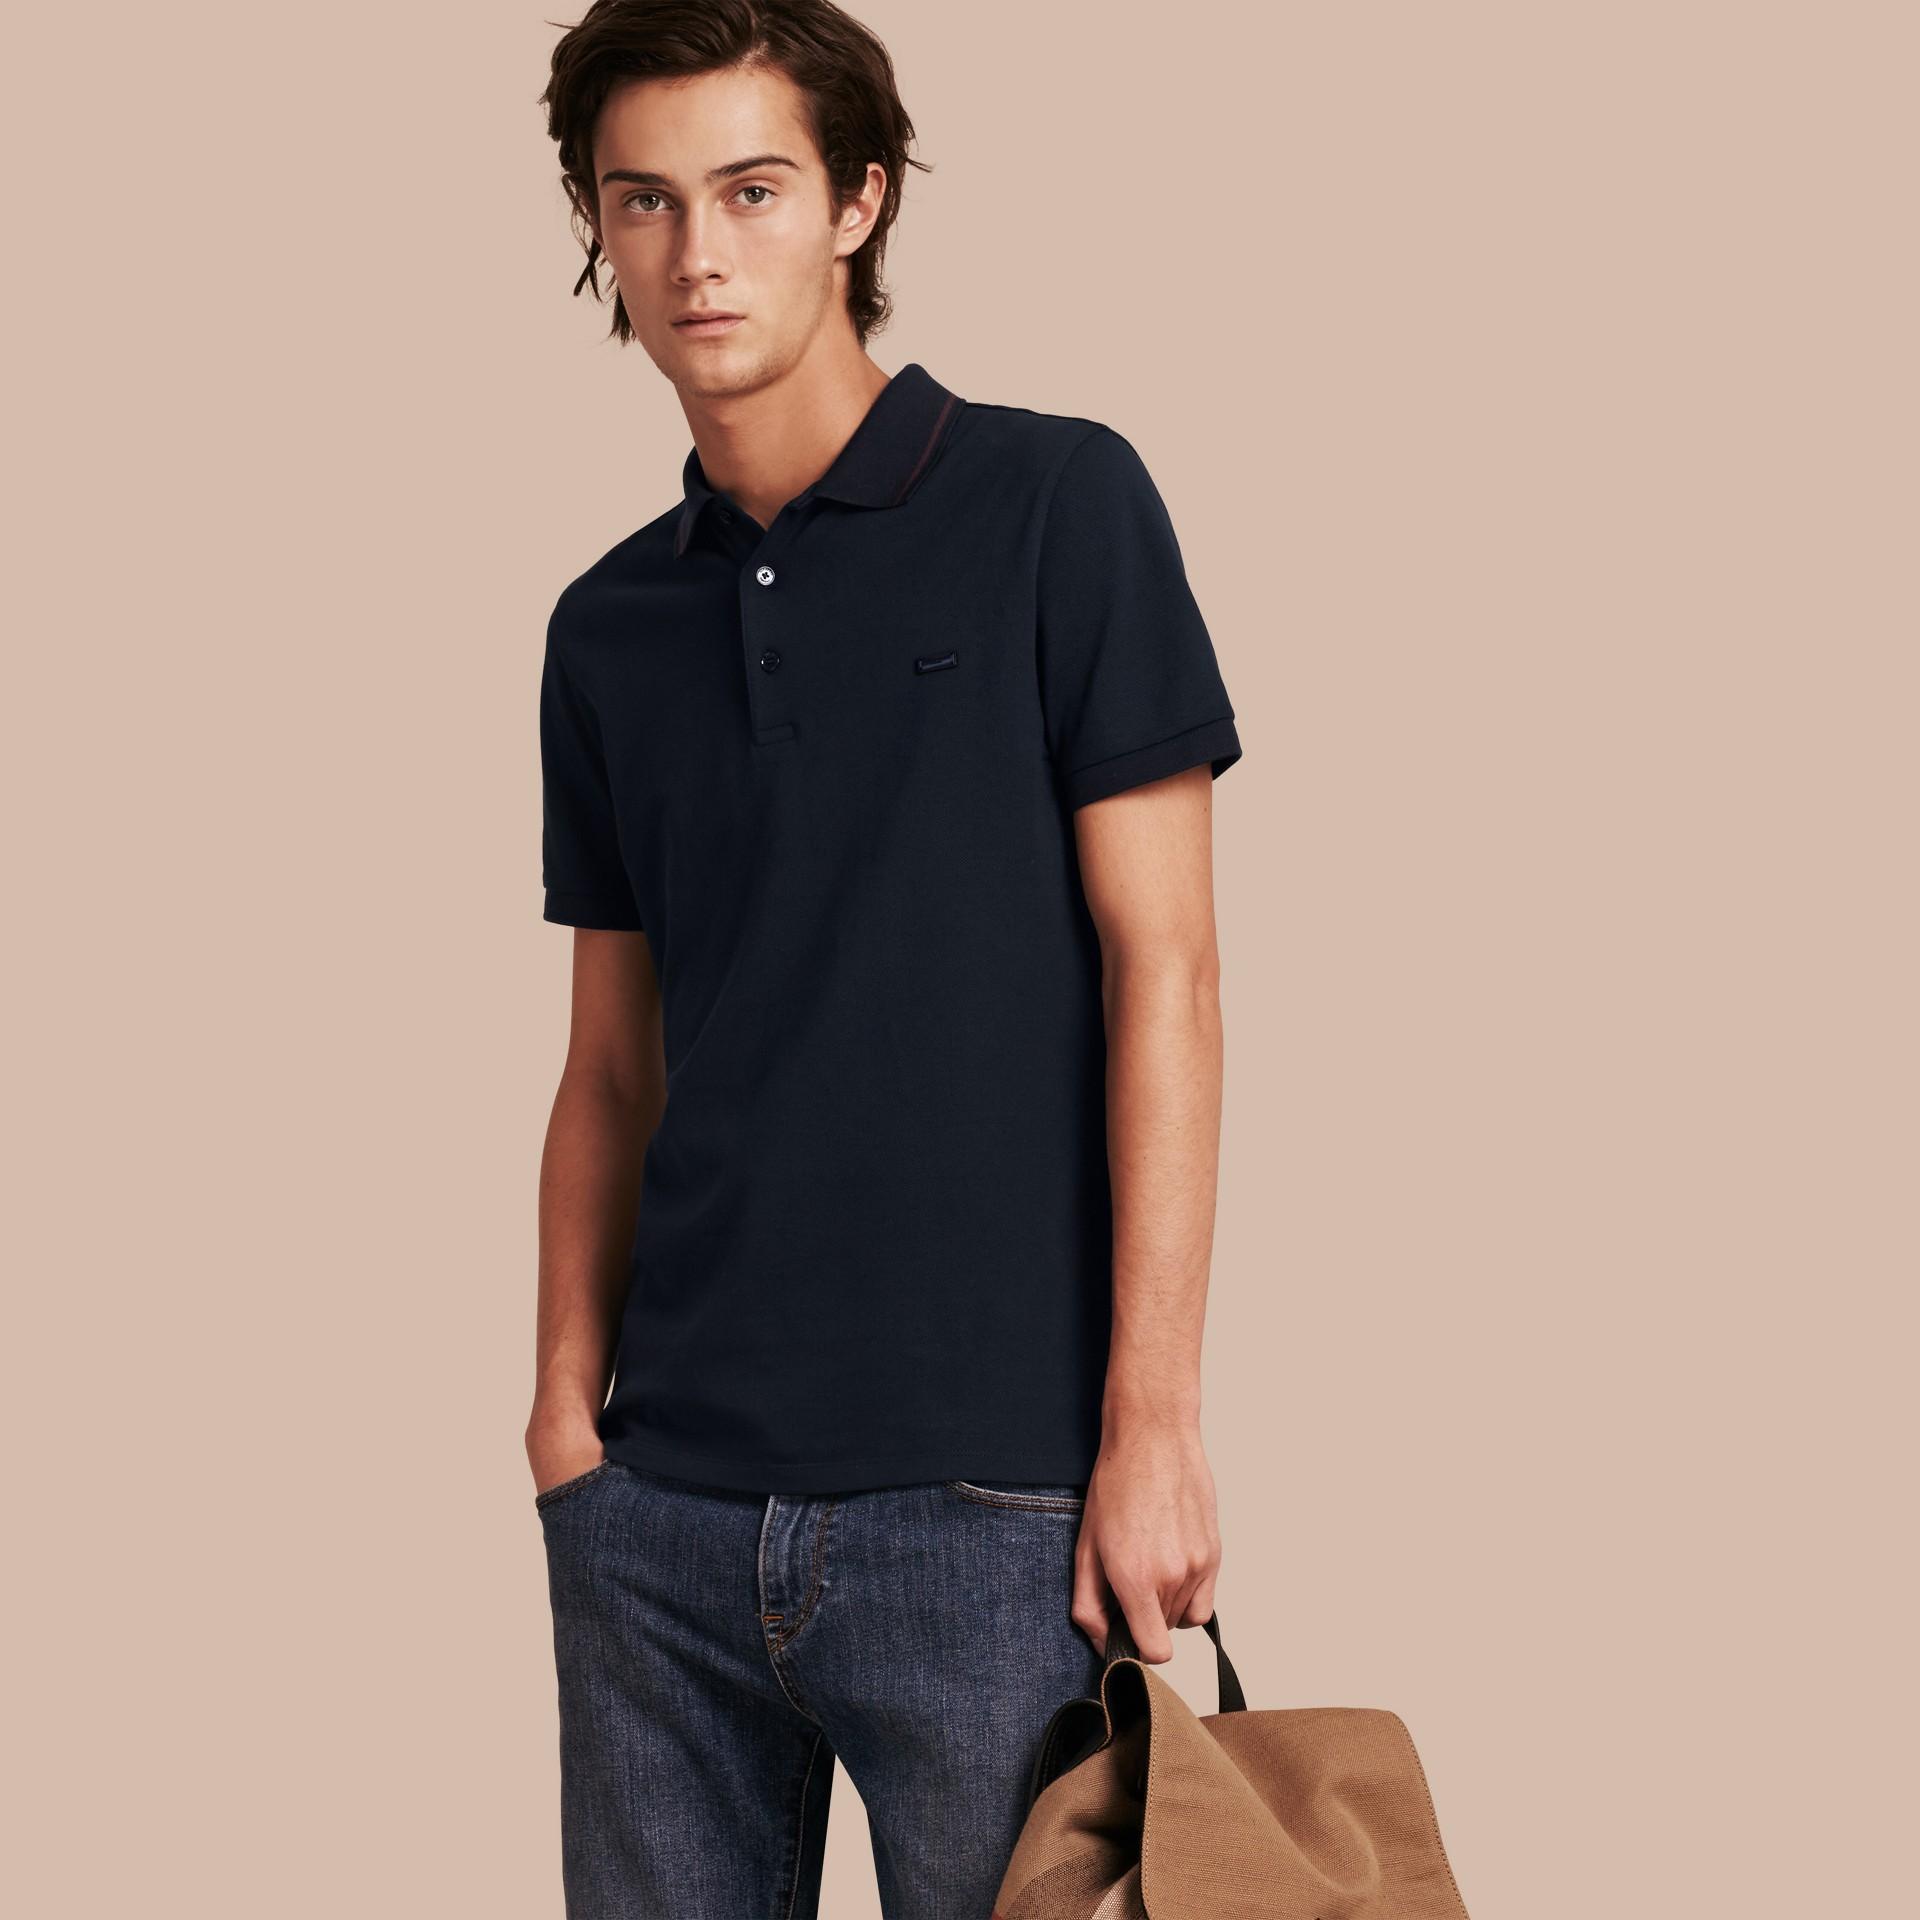 Azul marinho//mahogany red Camisa polo de algodão piquê com detalhes contrastantes Azul Marinho//mahogany Red - galeria de imagens 1